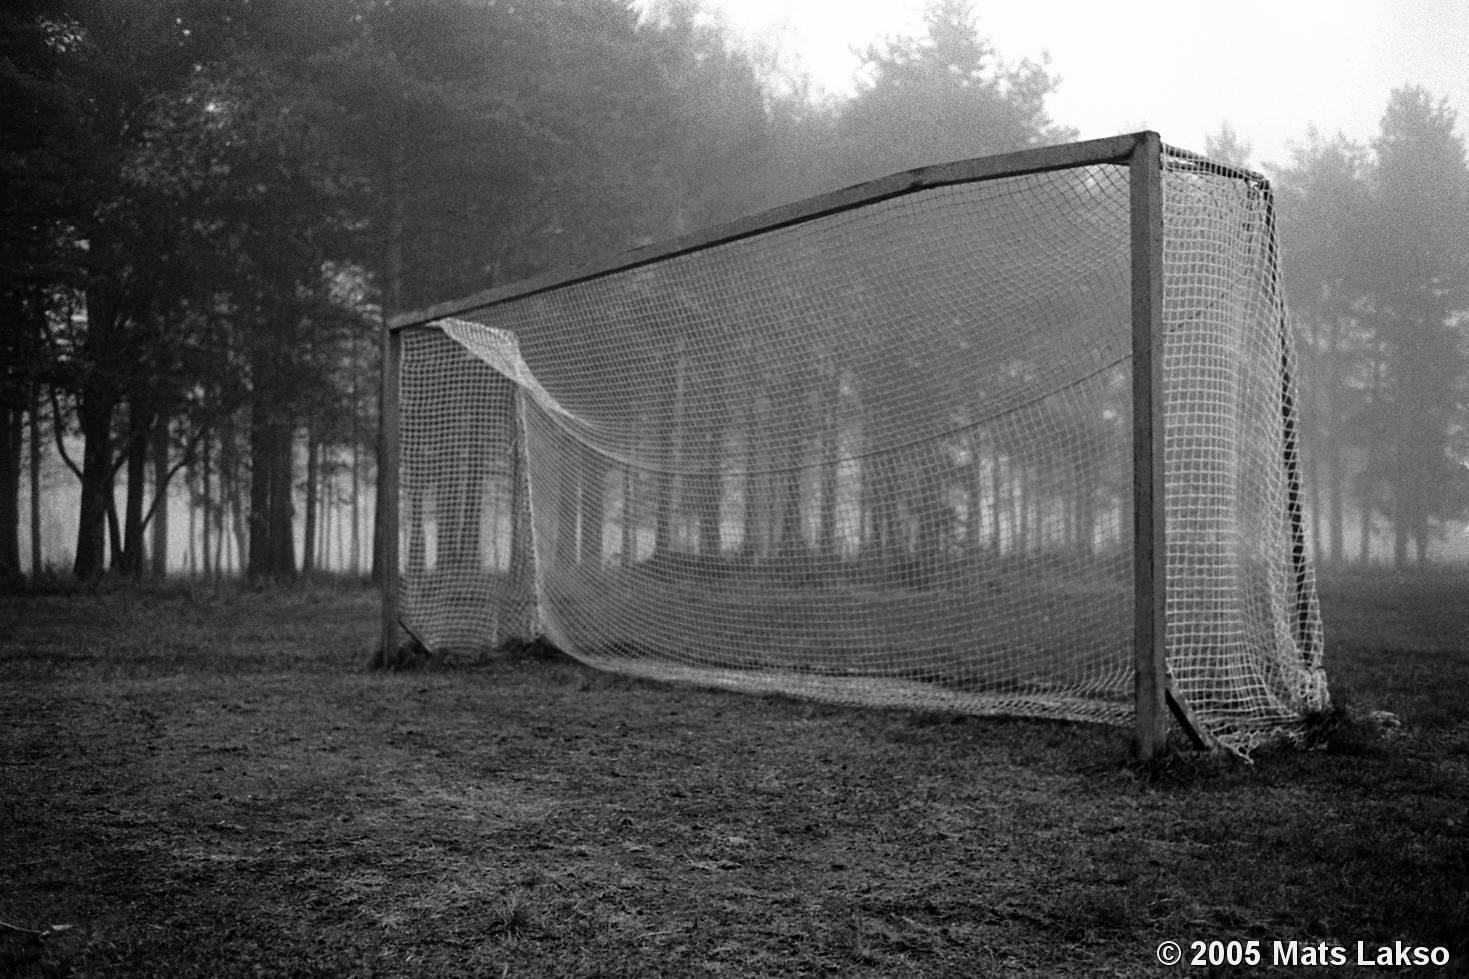 Black And White Soccer Goals 54